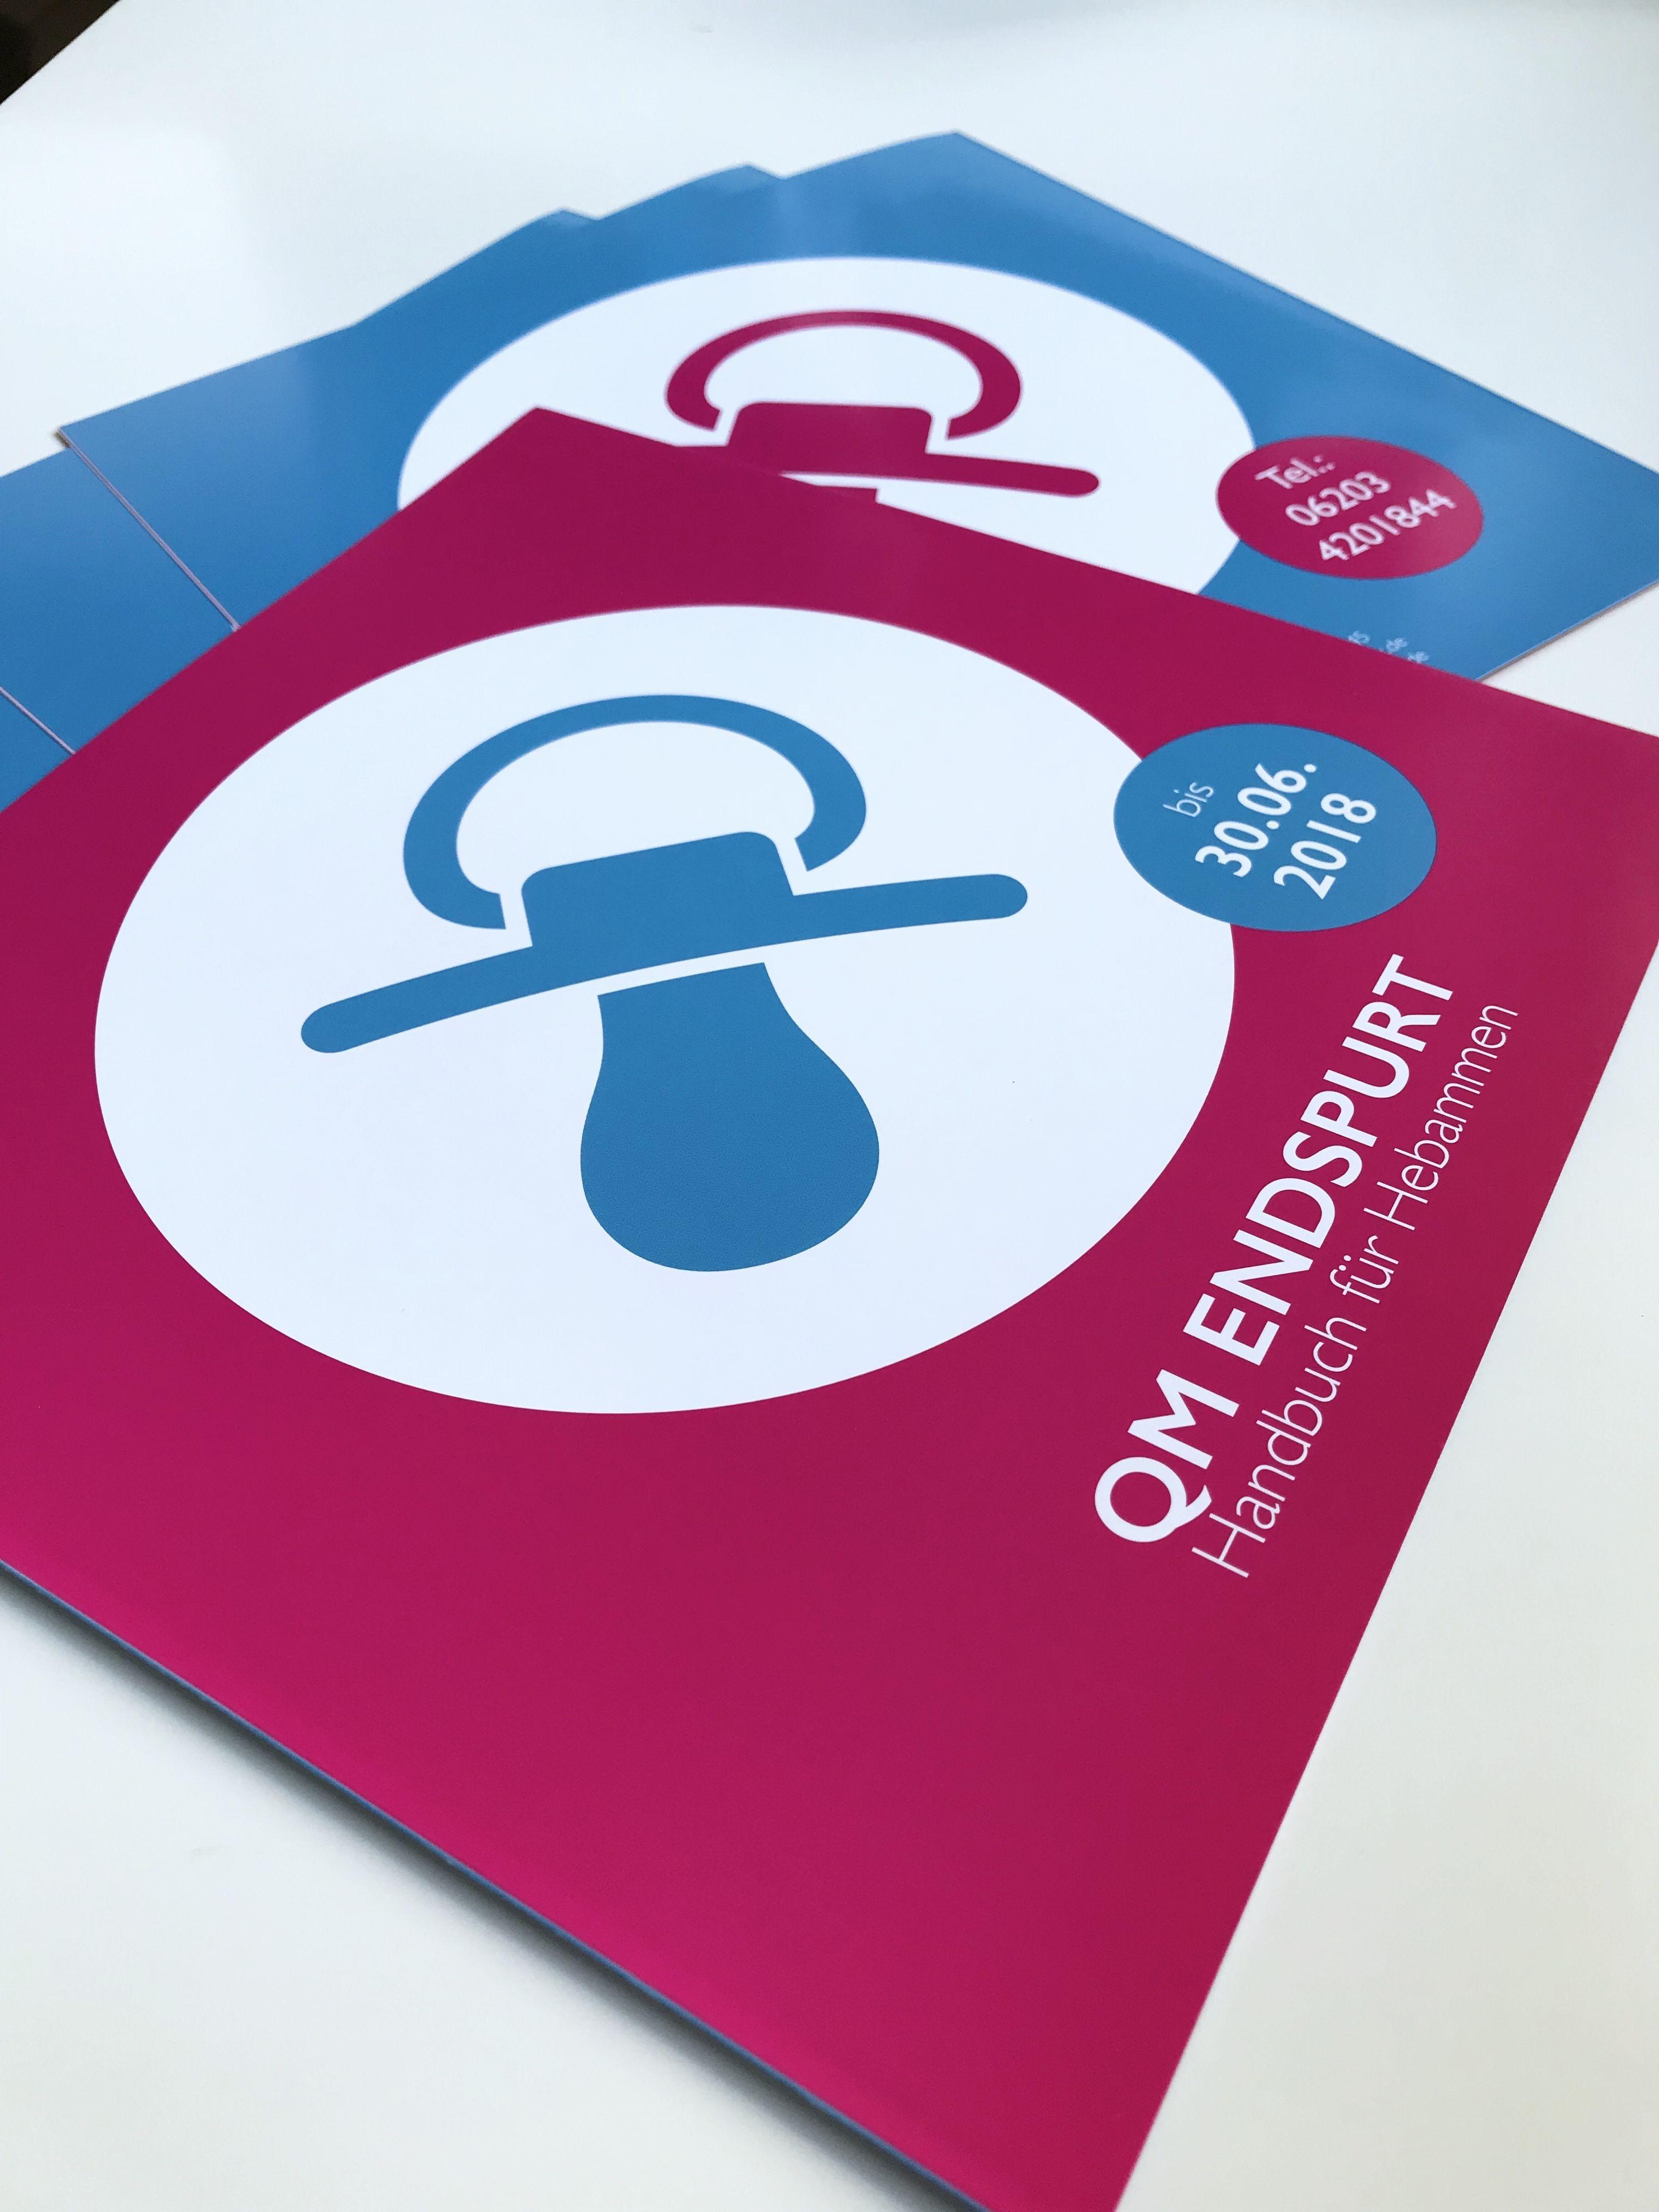 Unsere Flyer Für Die Qm Hebammenmesse In Mannheim Flyer